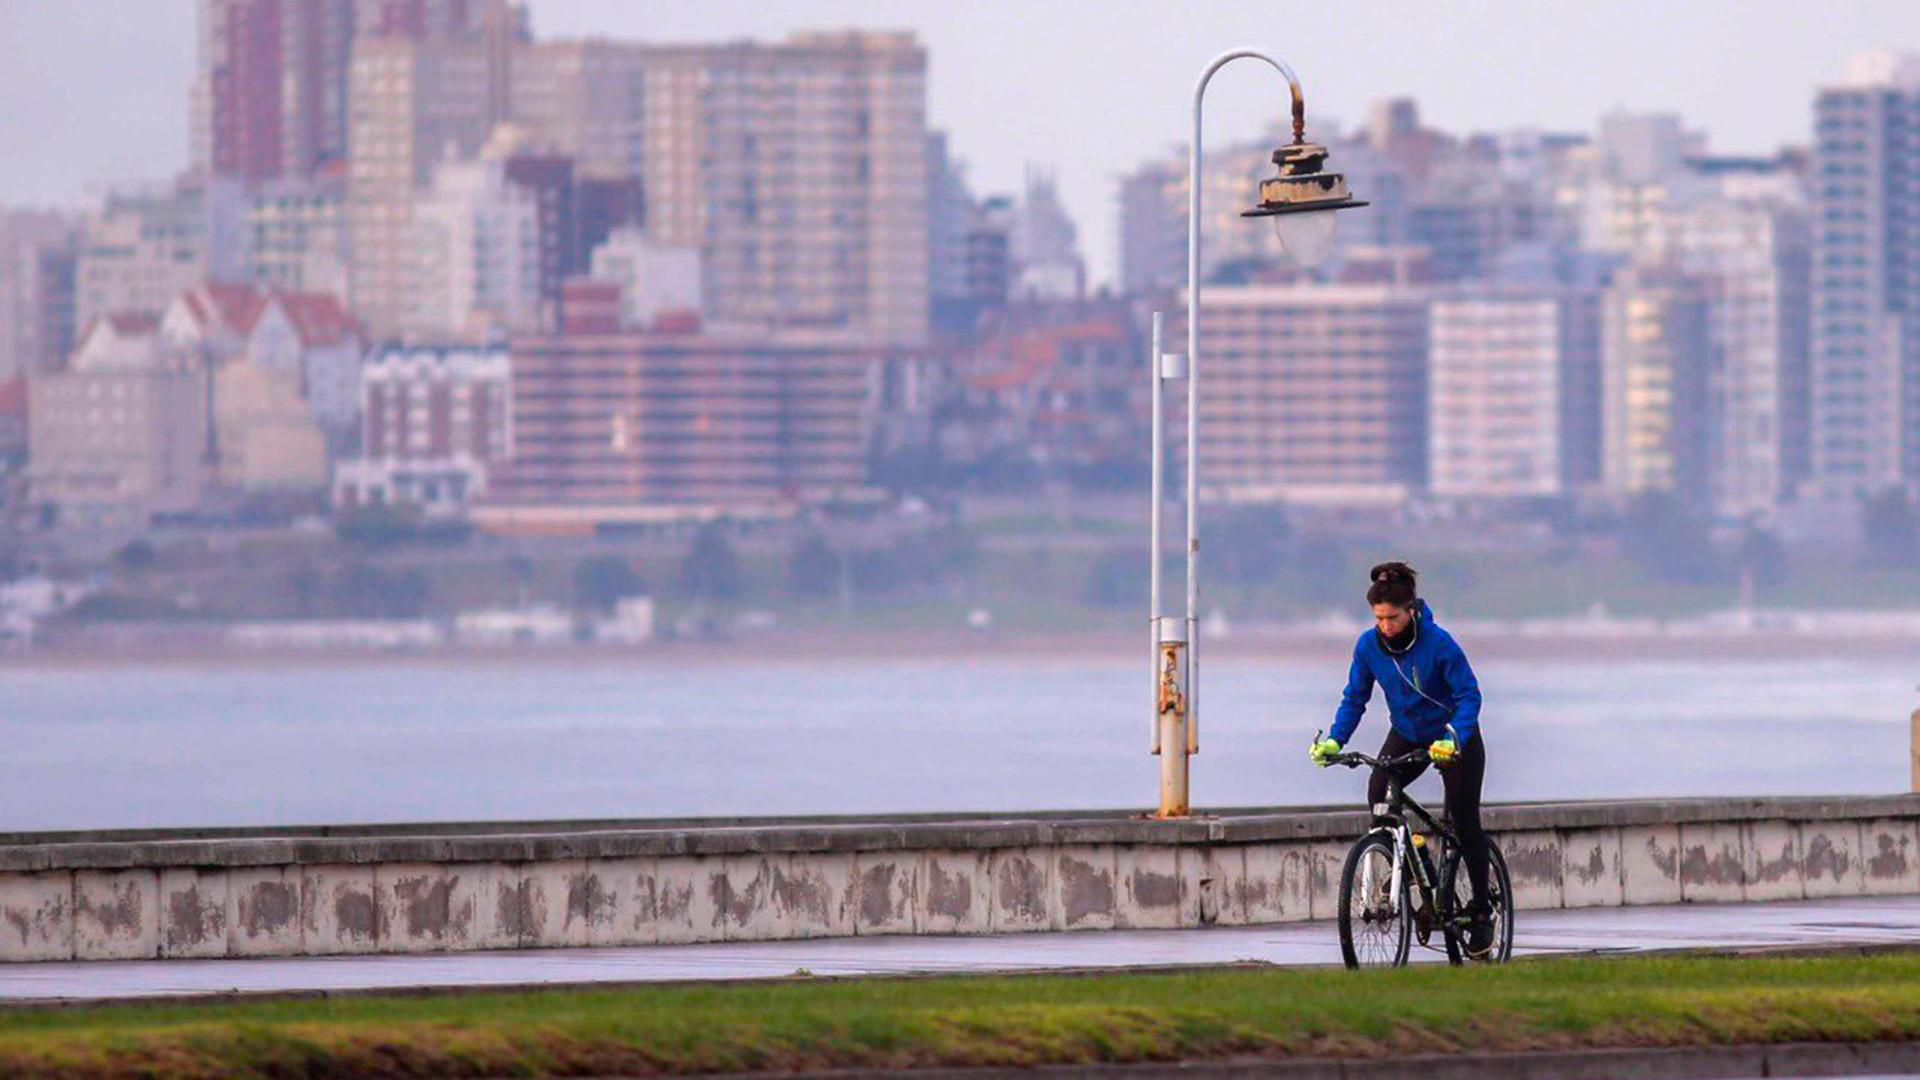 Con luz diurna, los deportes como ciclismo y running también fueron autorizados por la municipalidad de General Pueyrredón.(@munimardelplata)